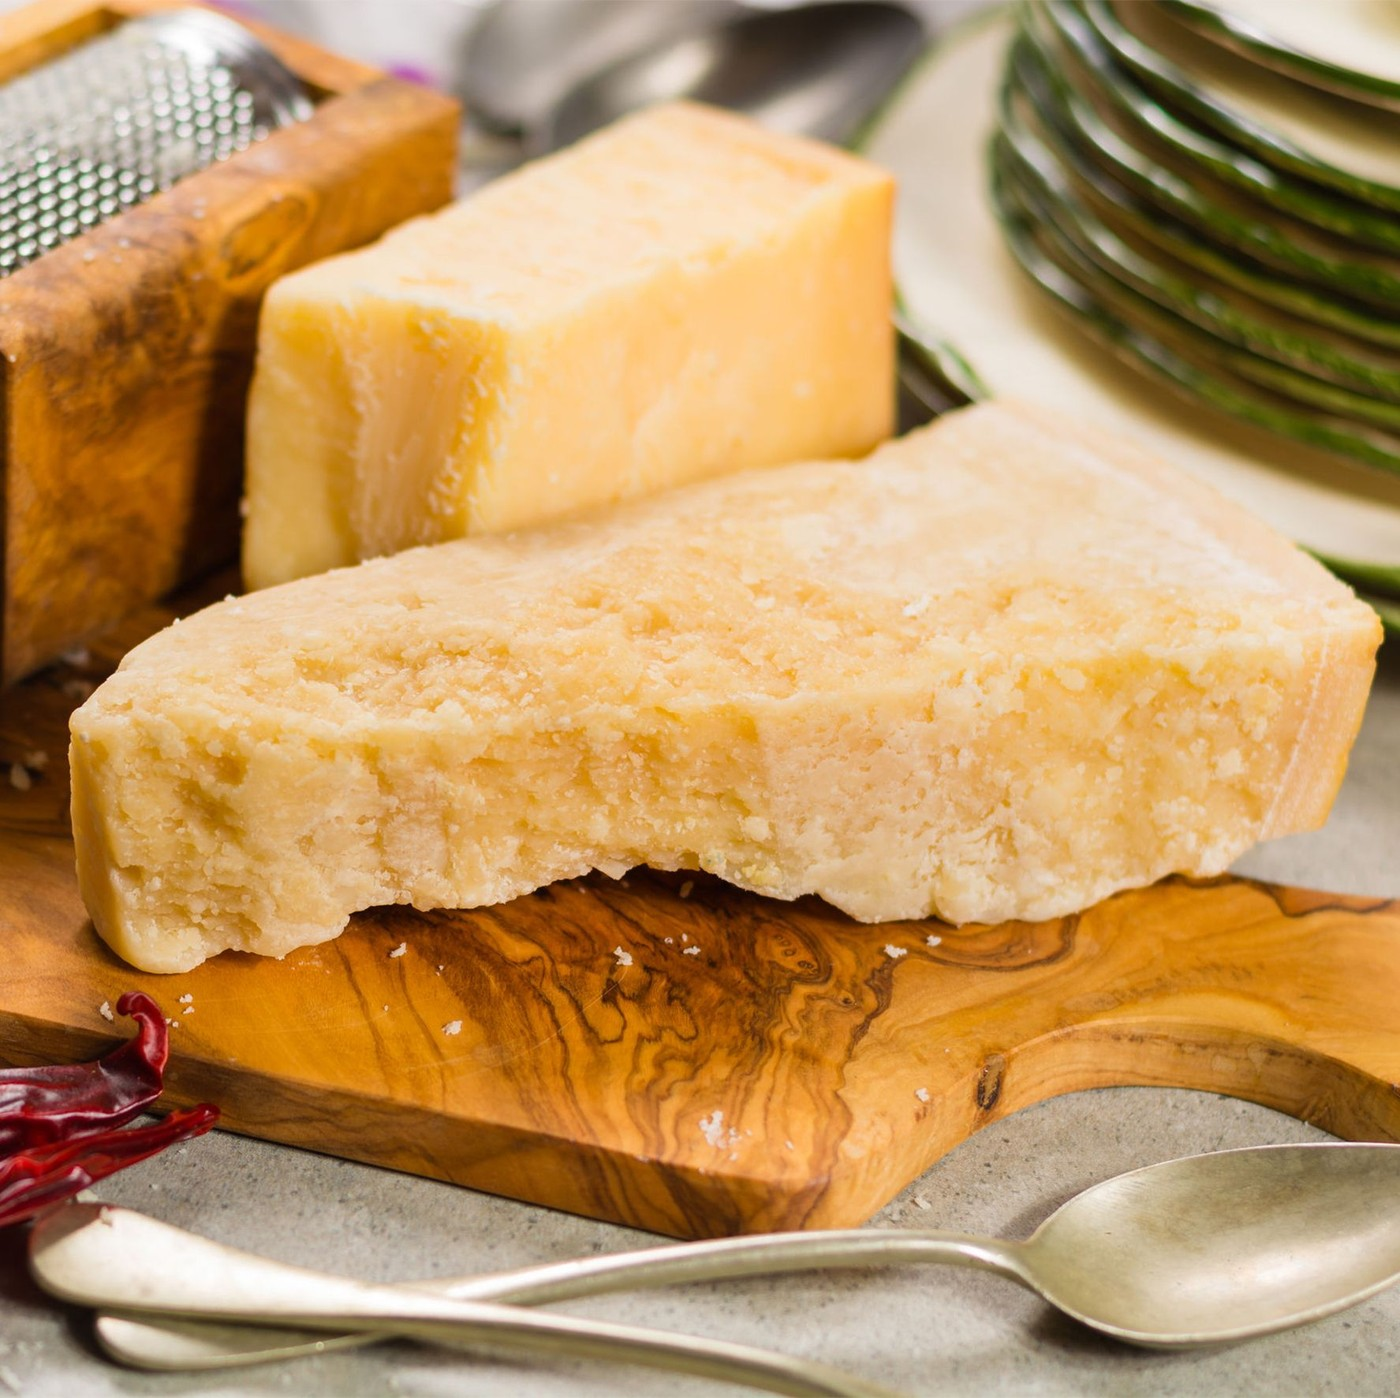 receta de Parmigiano reggiano dop 24 meses